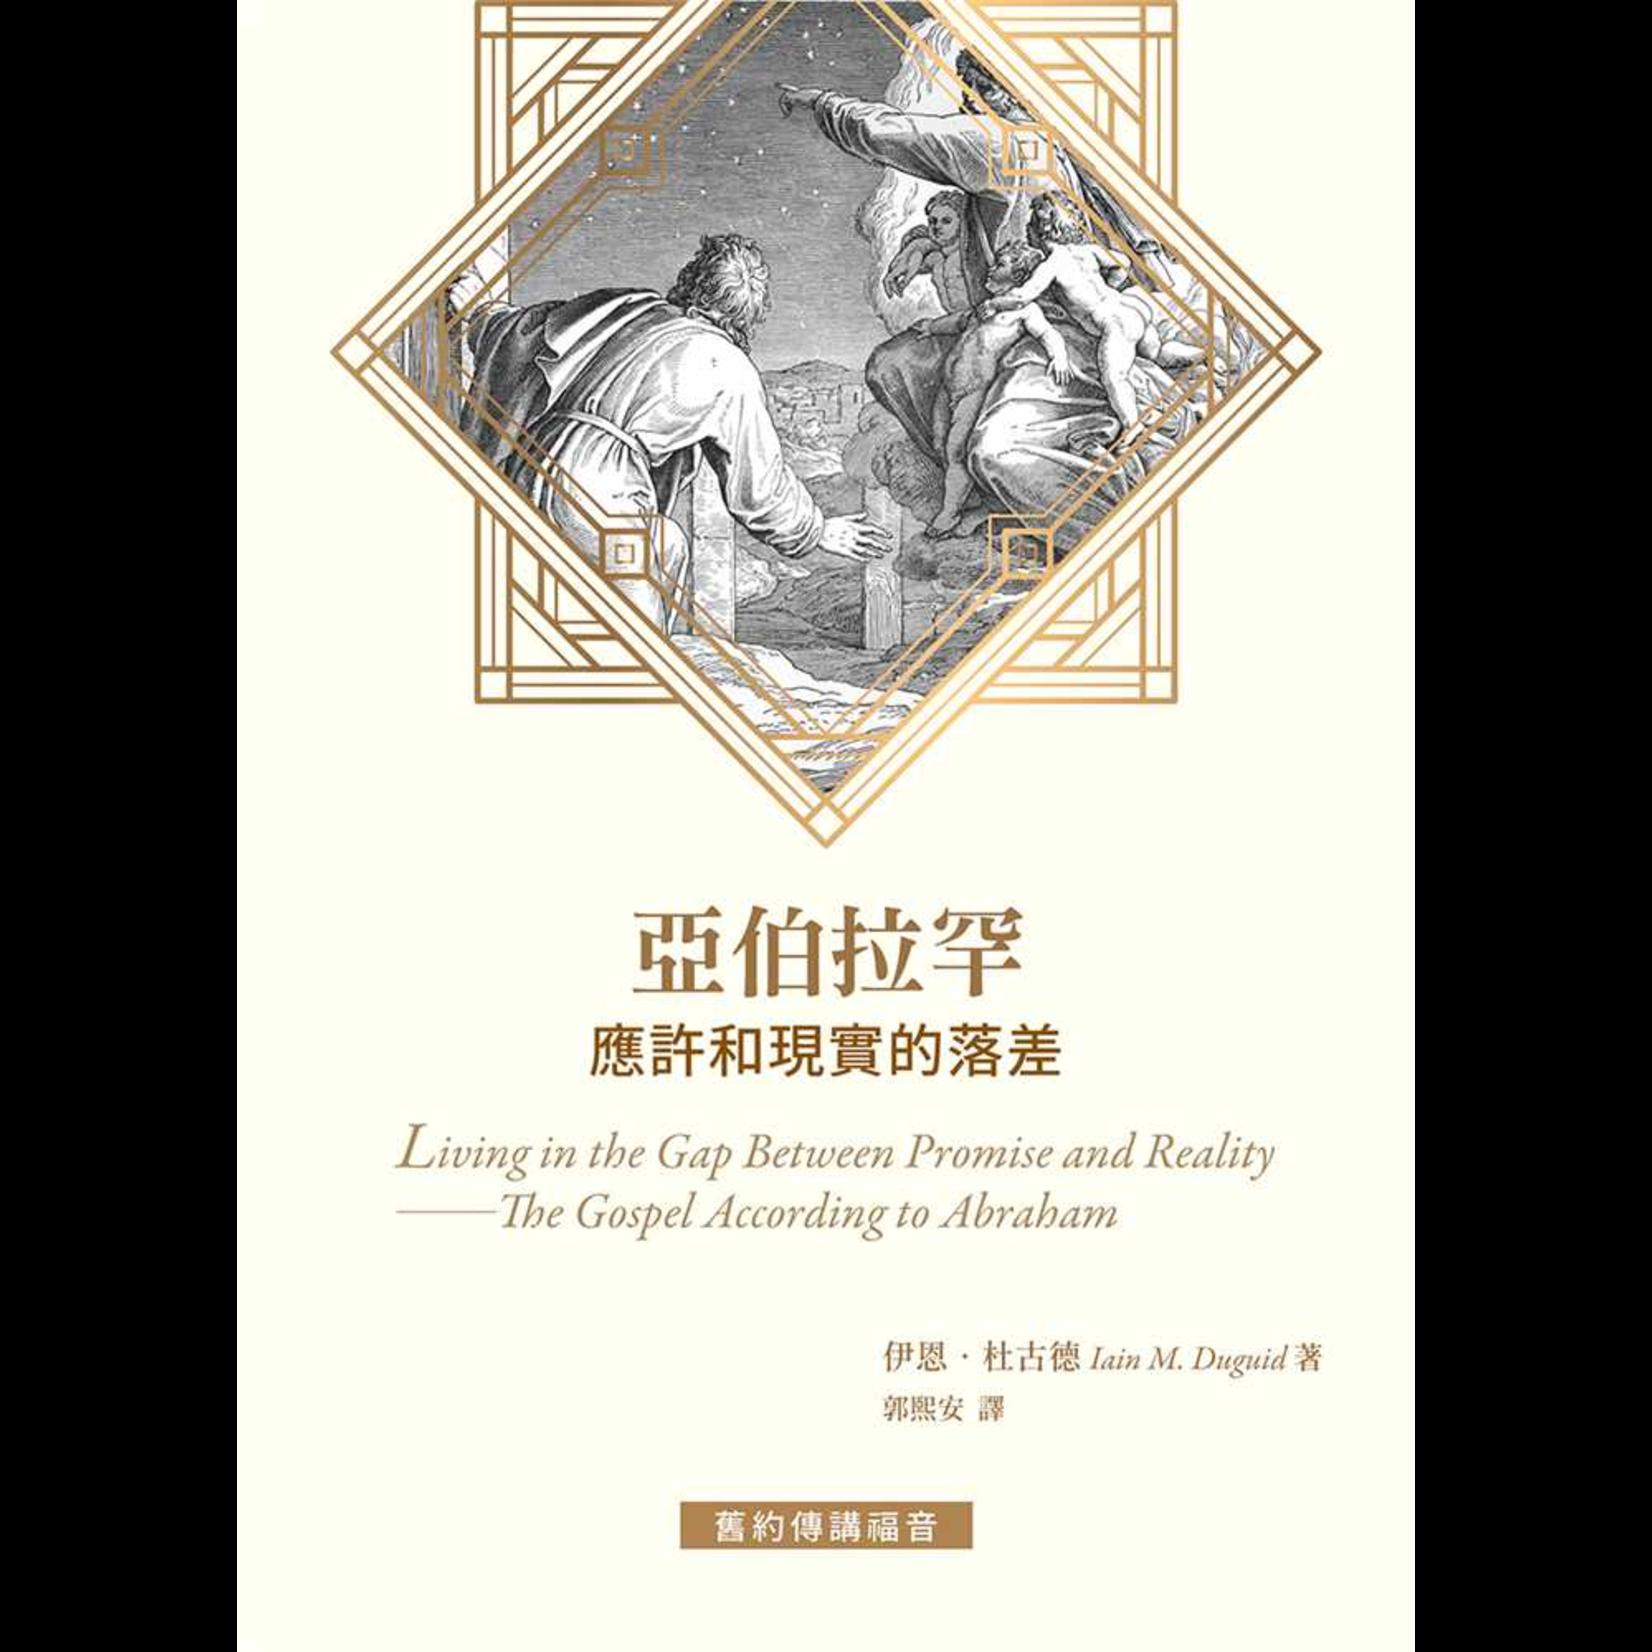 改革宗 Reformation Translation Fellowship Press 亞伯拉罕:應許和現實的落差 Living in the Gap Between Promise and Reality: The Gospel According to Abraham